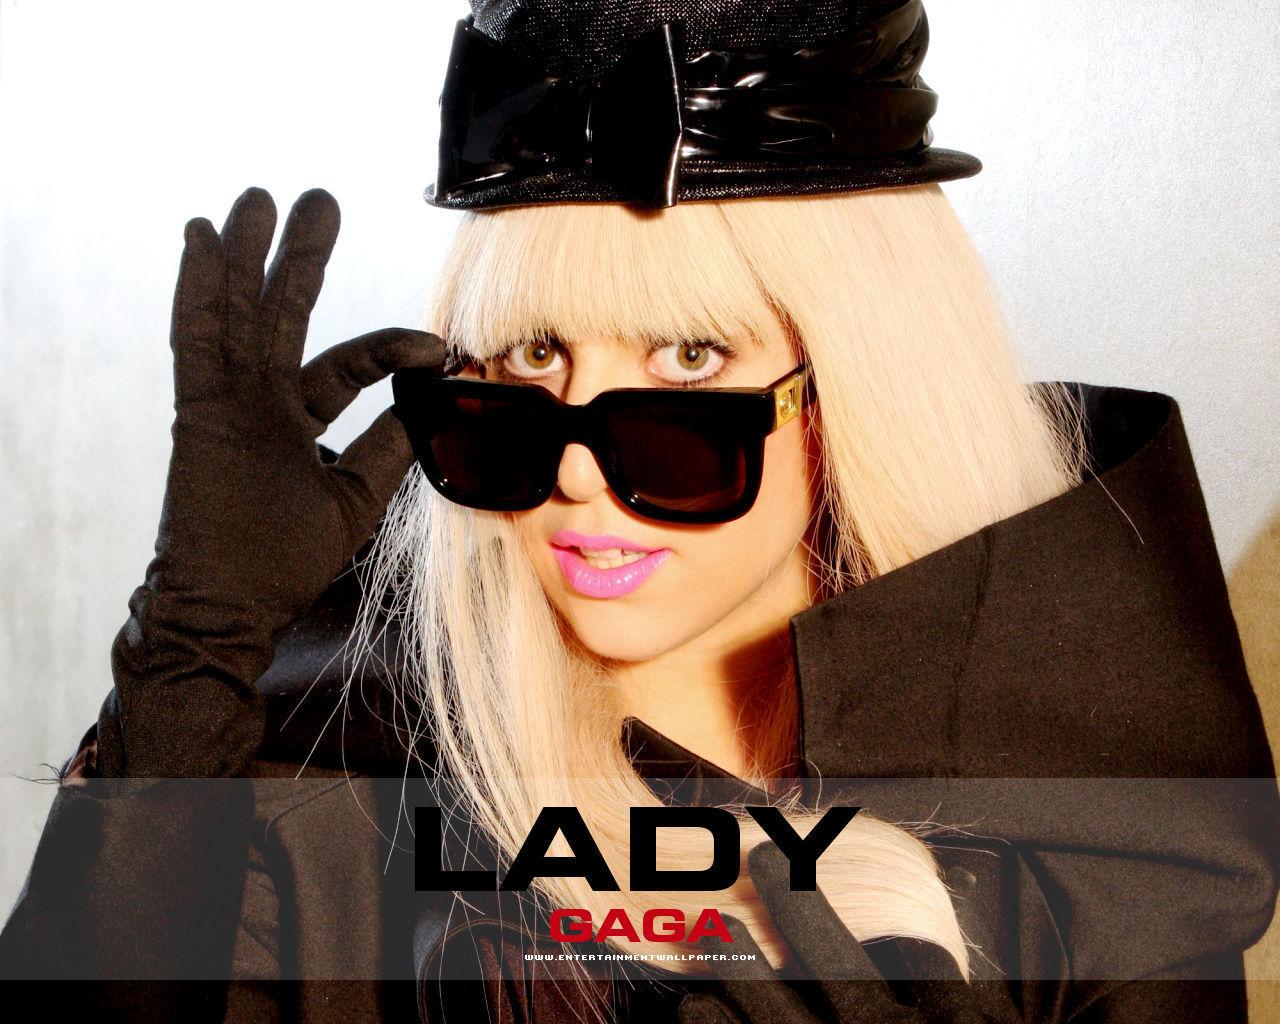 http://4.bp.blogspot.com/-lM42lhuwYXc/TWSoWxfz2RI/AAAAAAAAByA/VbjC2qj0yD4/s1600/Lady+Gaga+%255BThewallpaperdb.blogspot.com%255D+%25284%2529.jpg